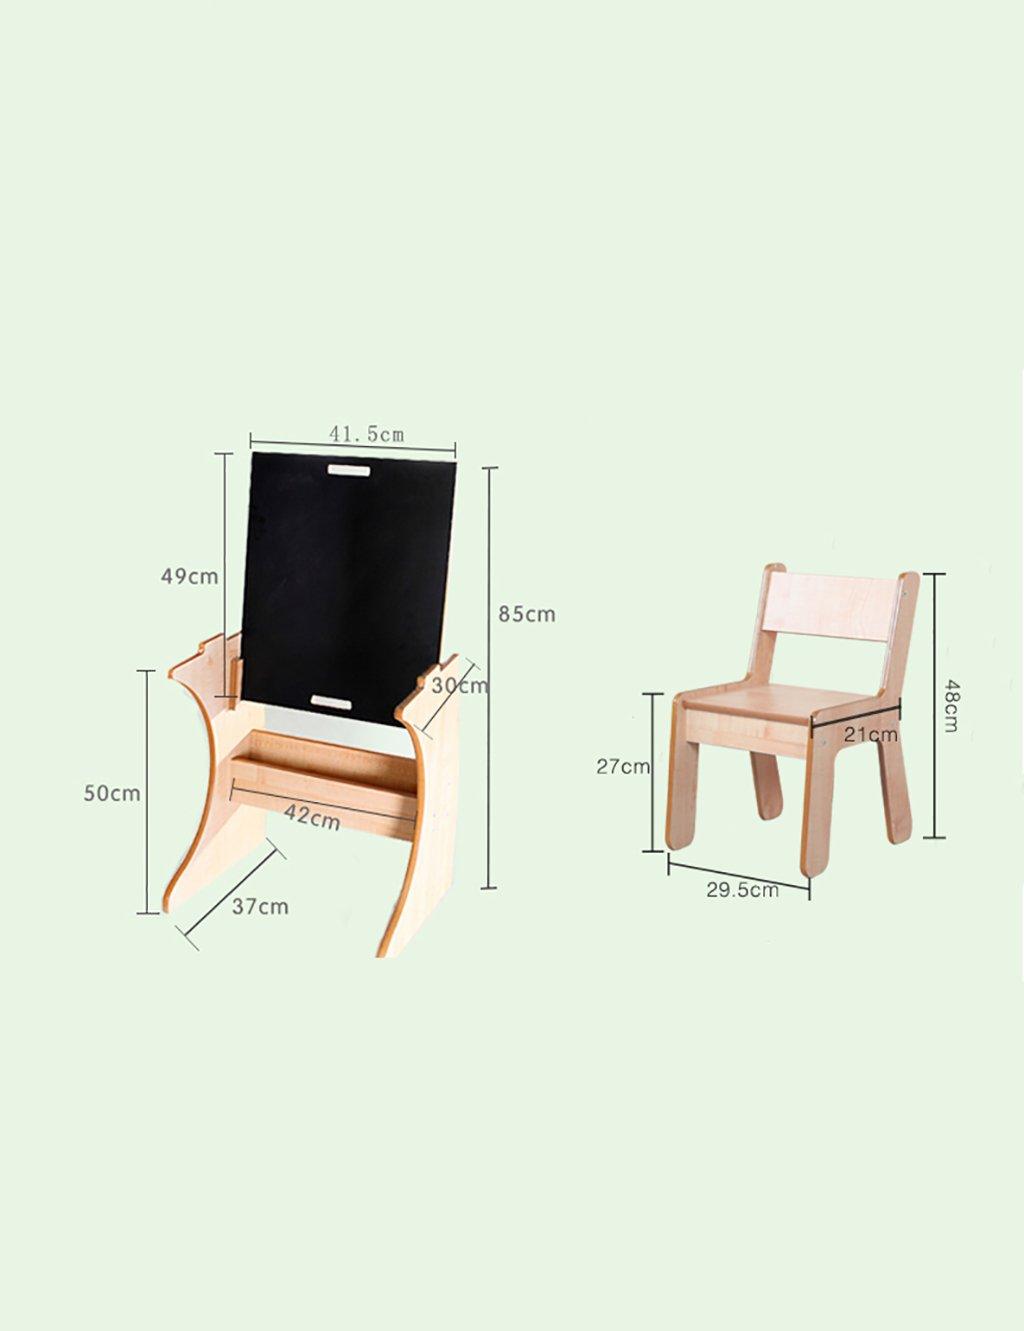 Escritorio para niños Escritorio para niños Mesa para Escribir Tablas y sillas Suite (Estilo : A): Amazon.es: Hogar